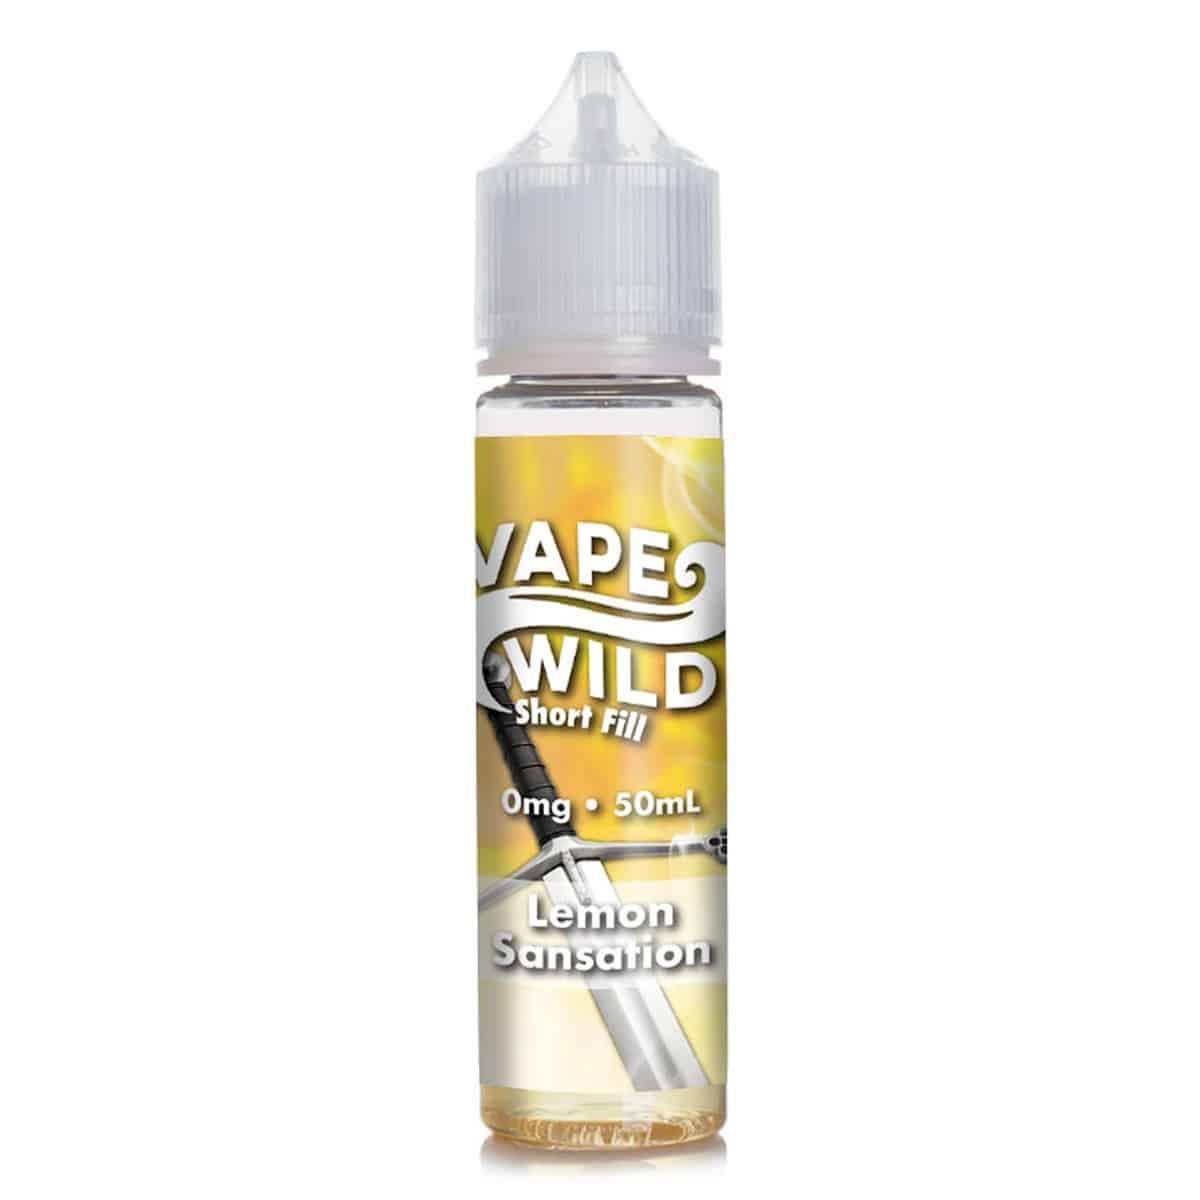 Lemon Sensation Vape Wild Shortfill 50ml